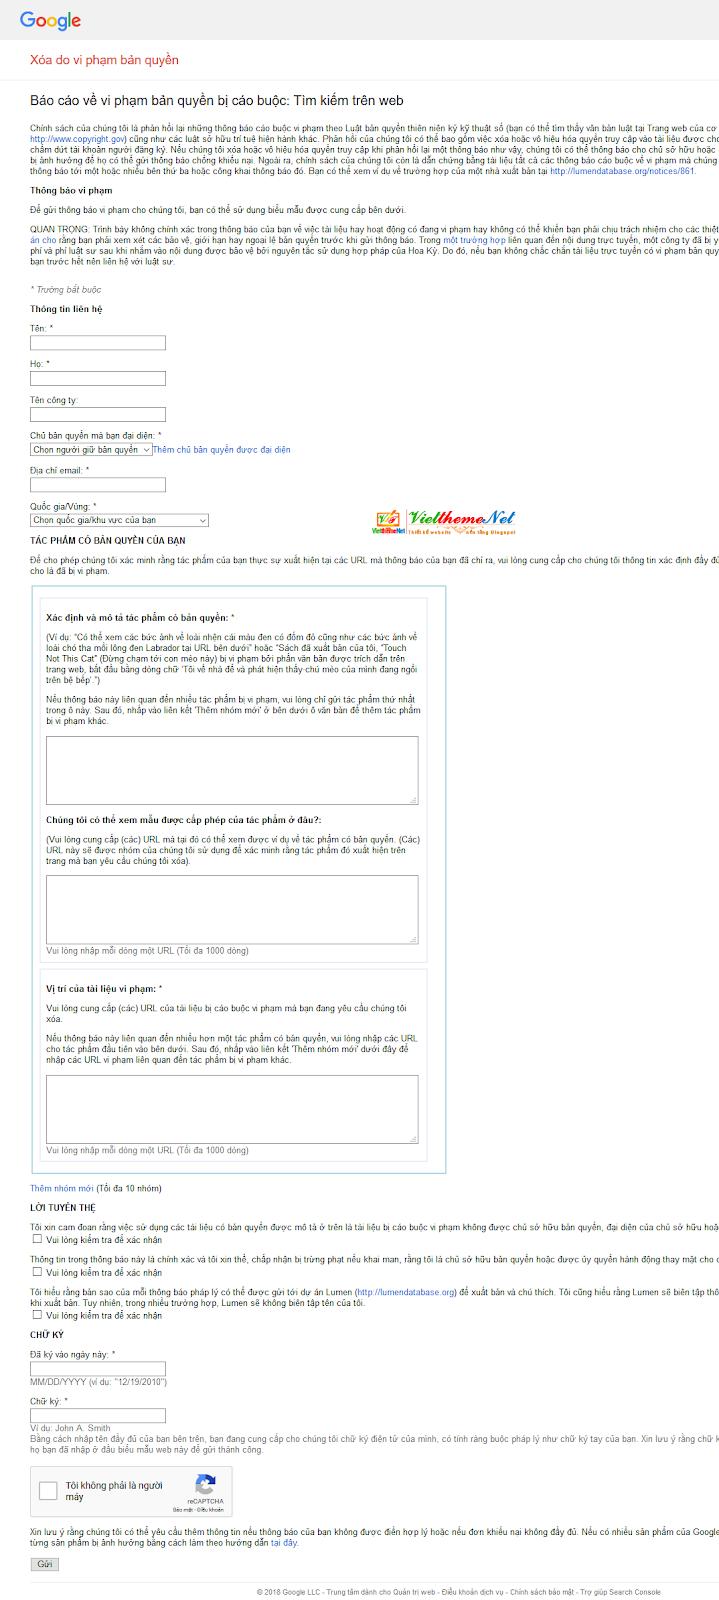 Báo cáo vi phạm bản quyền bài viết DMCA